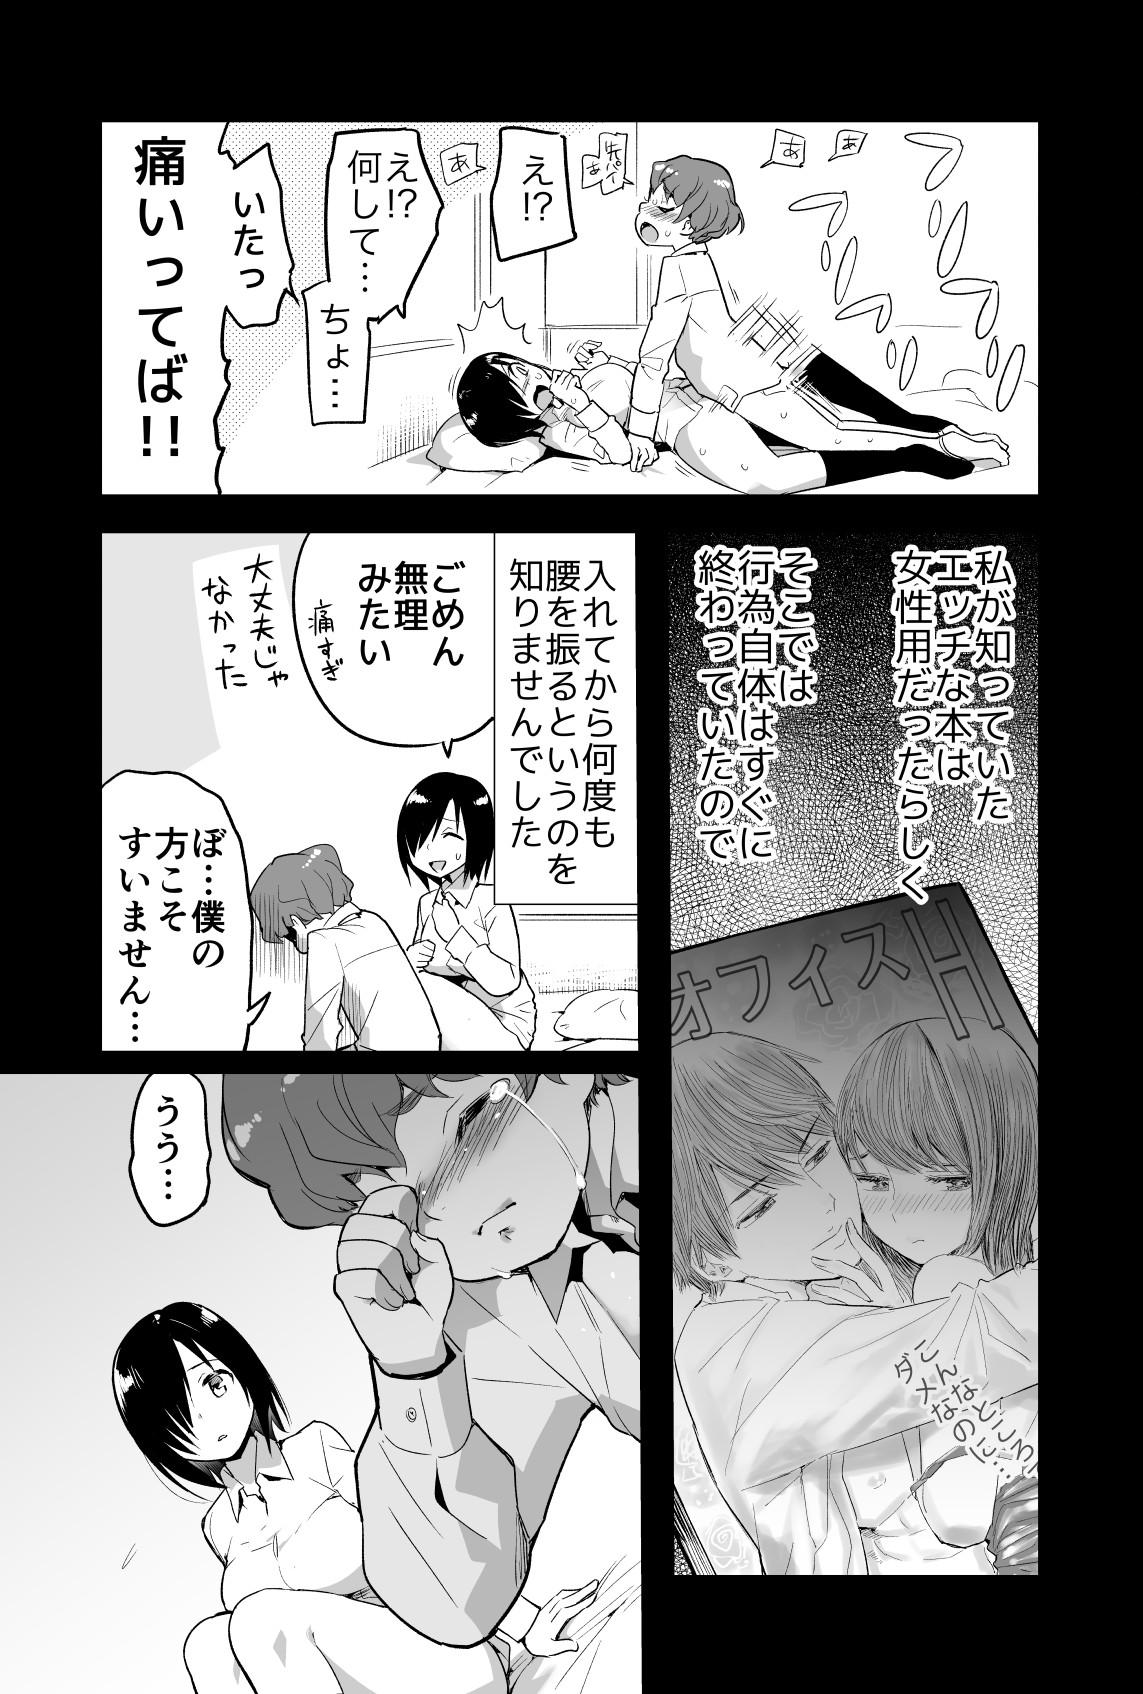 Yoshimura-san Ch. 0 Zenpen 4